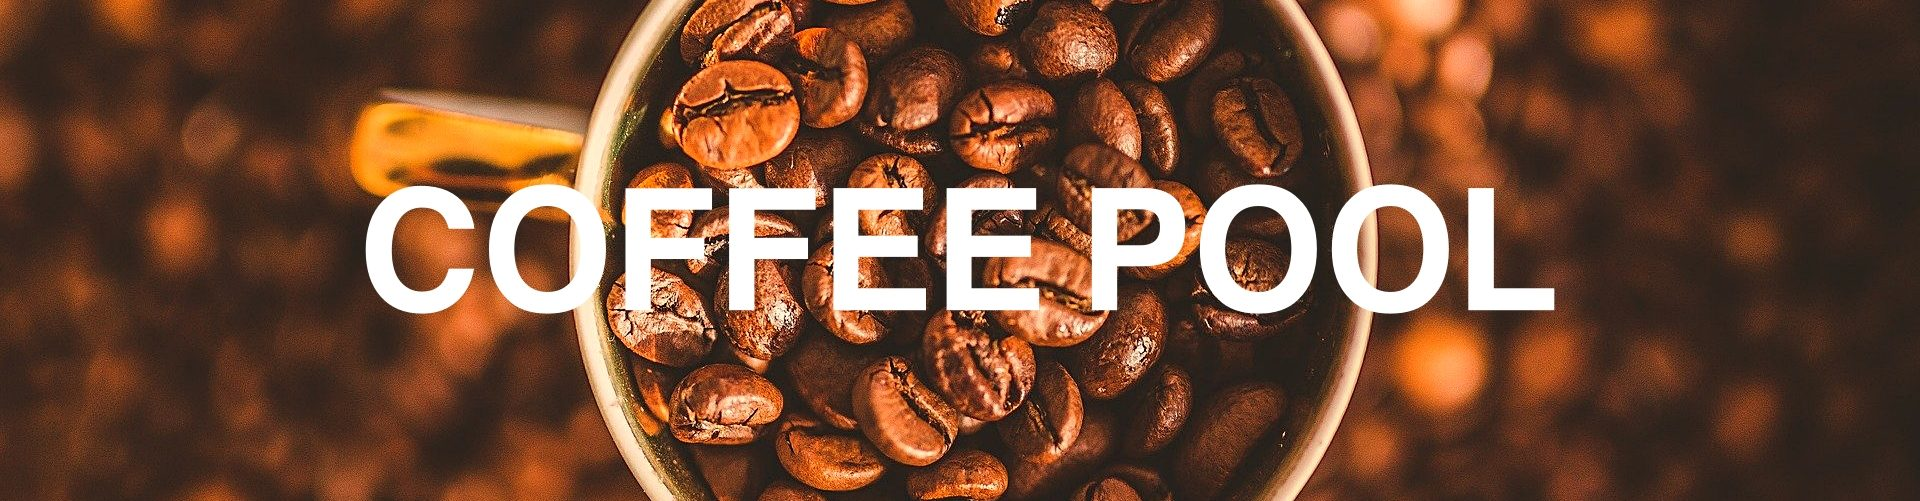 Coffee Pool